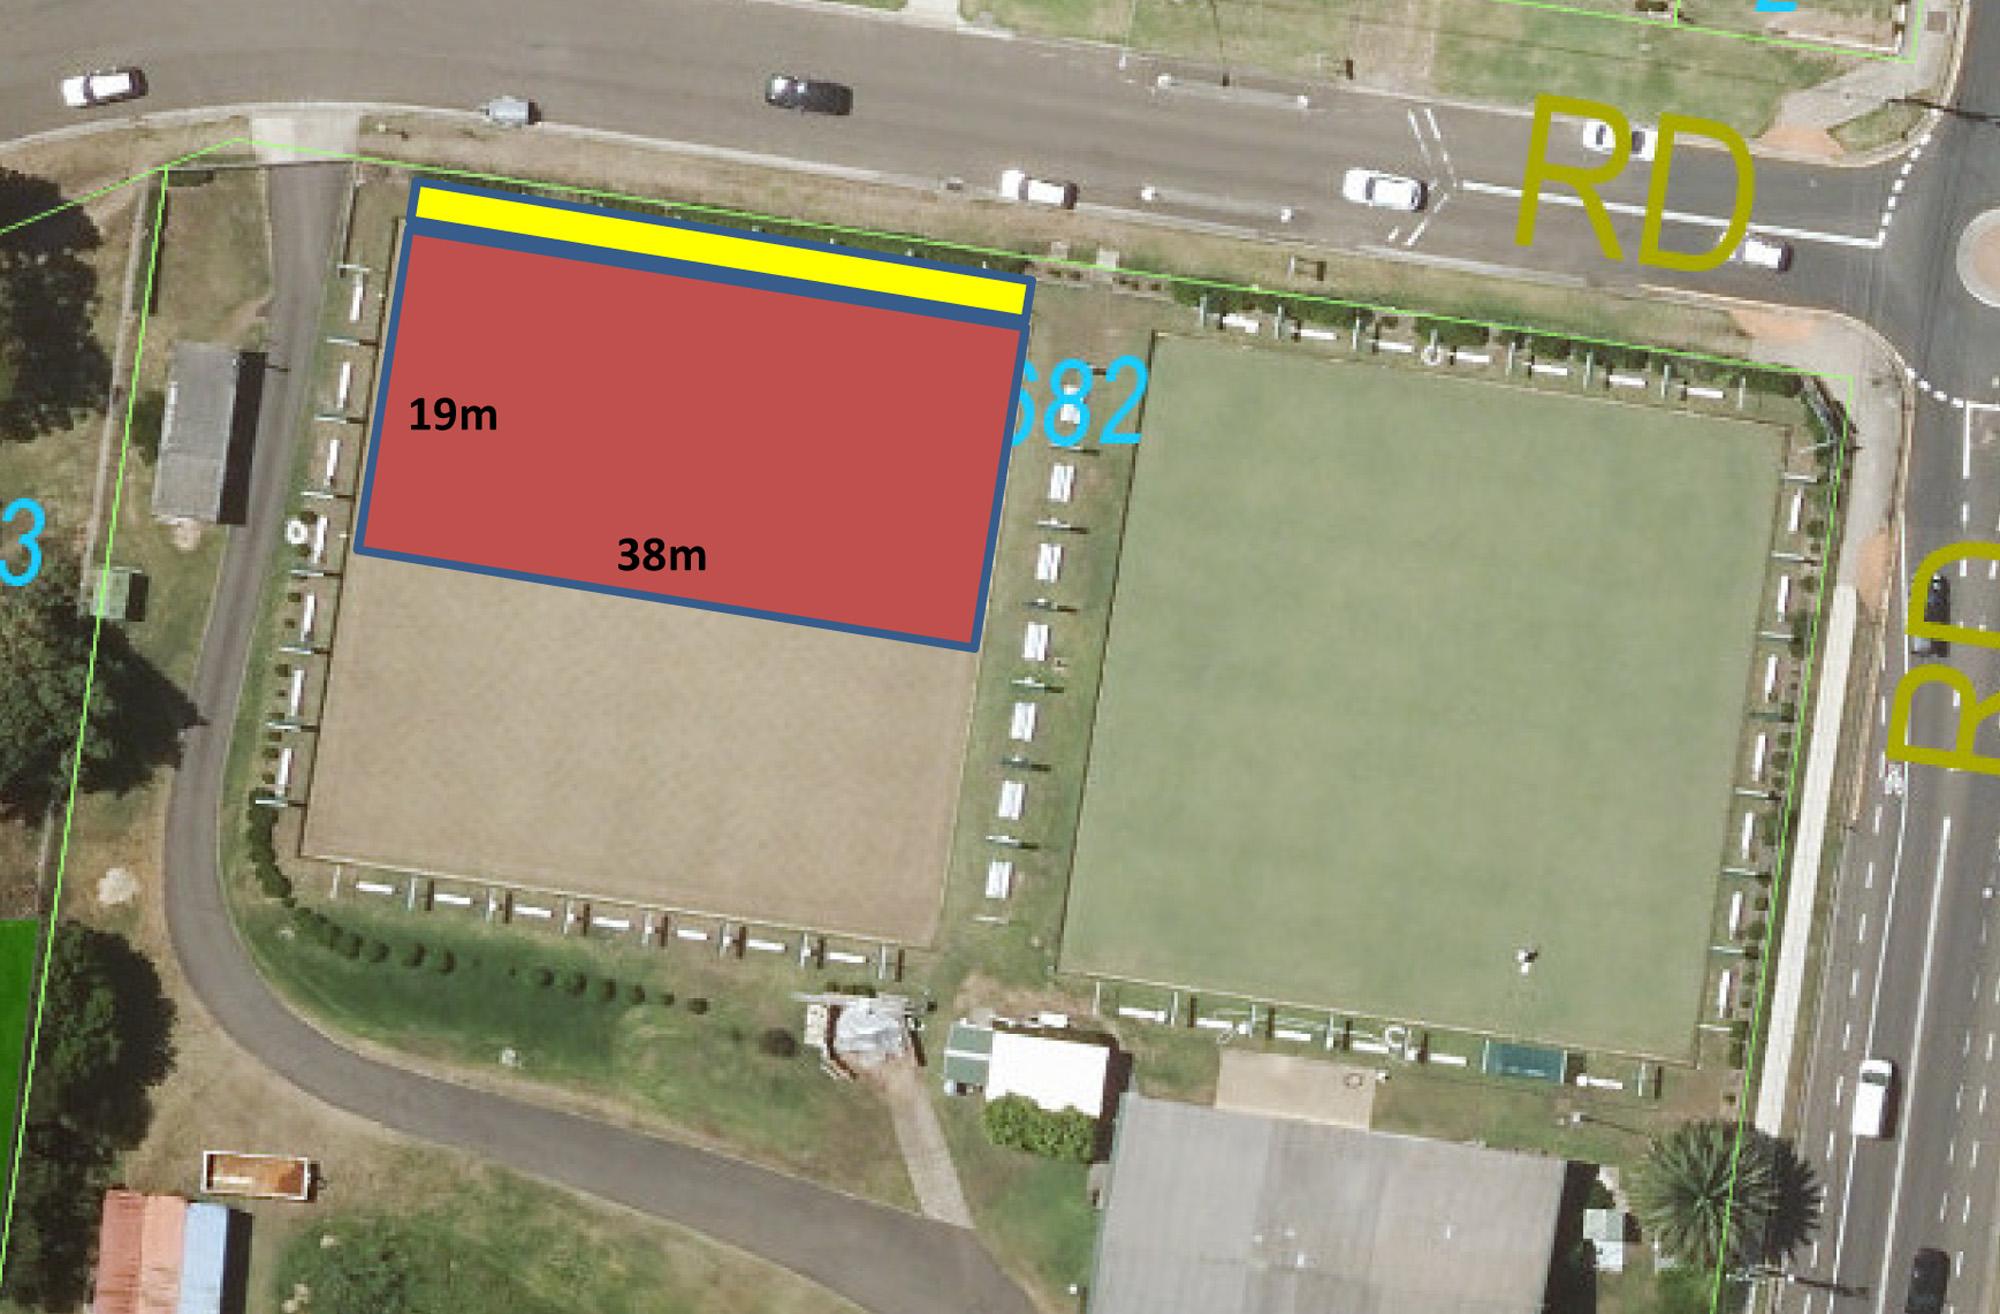 Microsoft Word - Map Community Garden Footprint - North Curl Cur